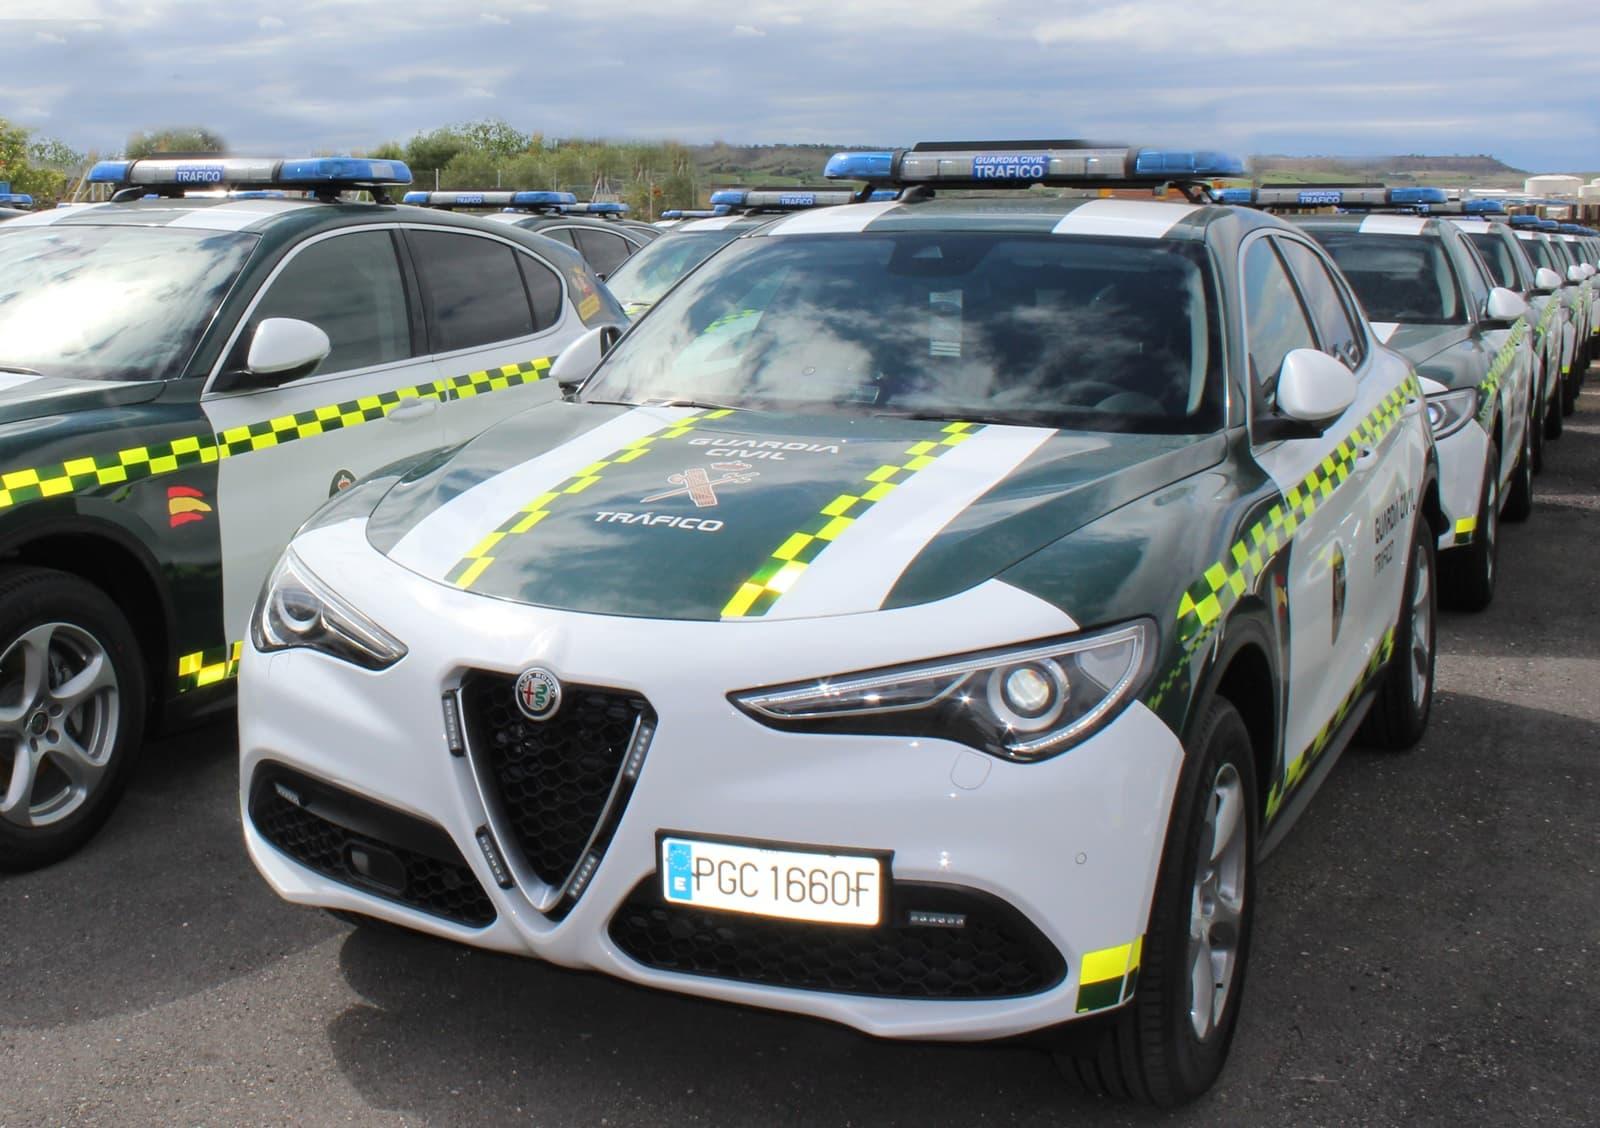 La Guardia Civil compra 97 ejemplares del Alfa Romeo Stelvio